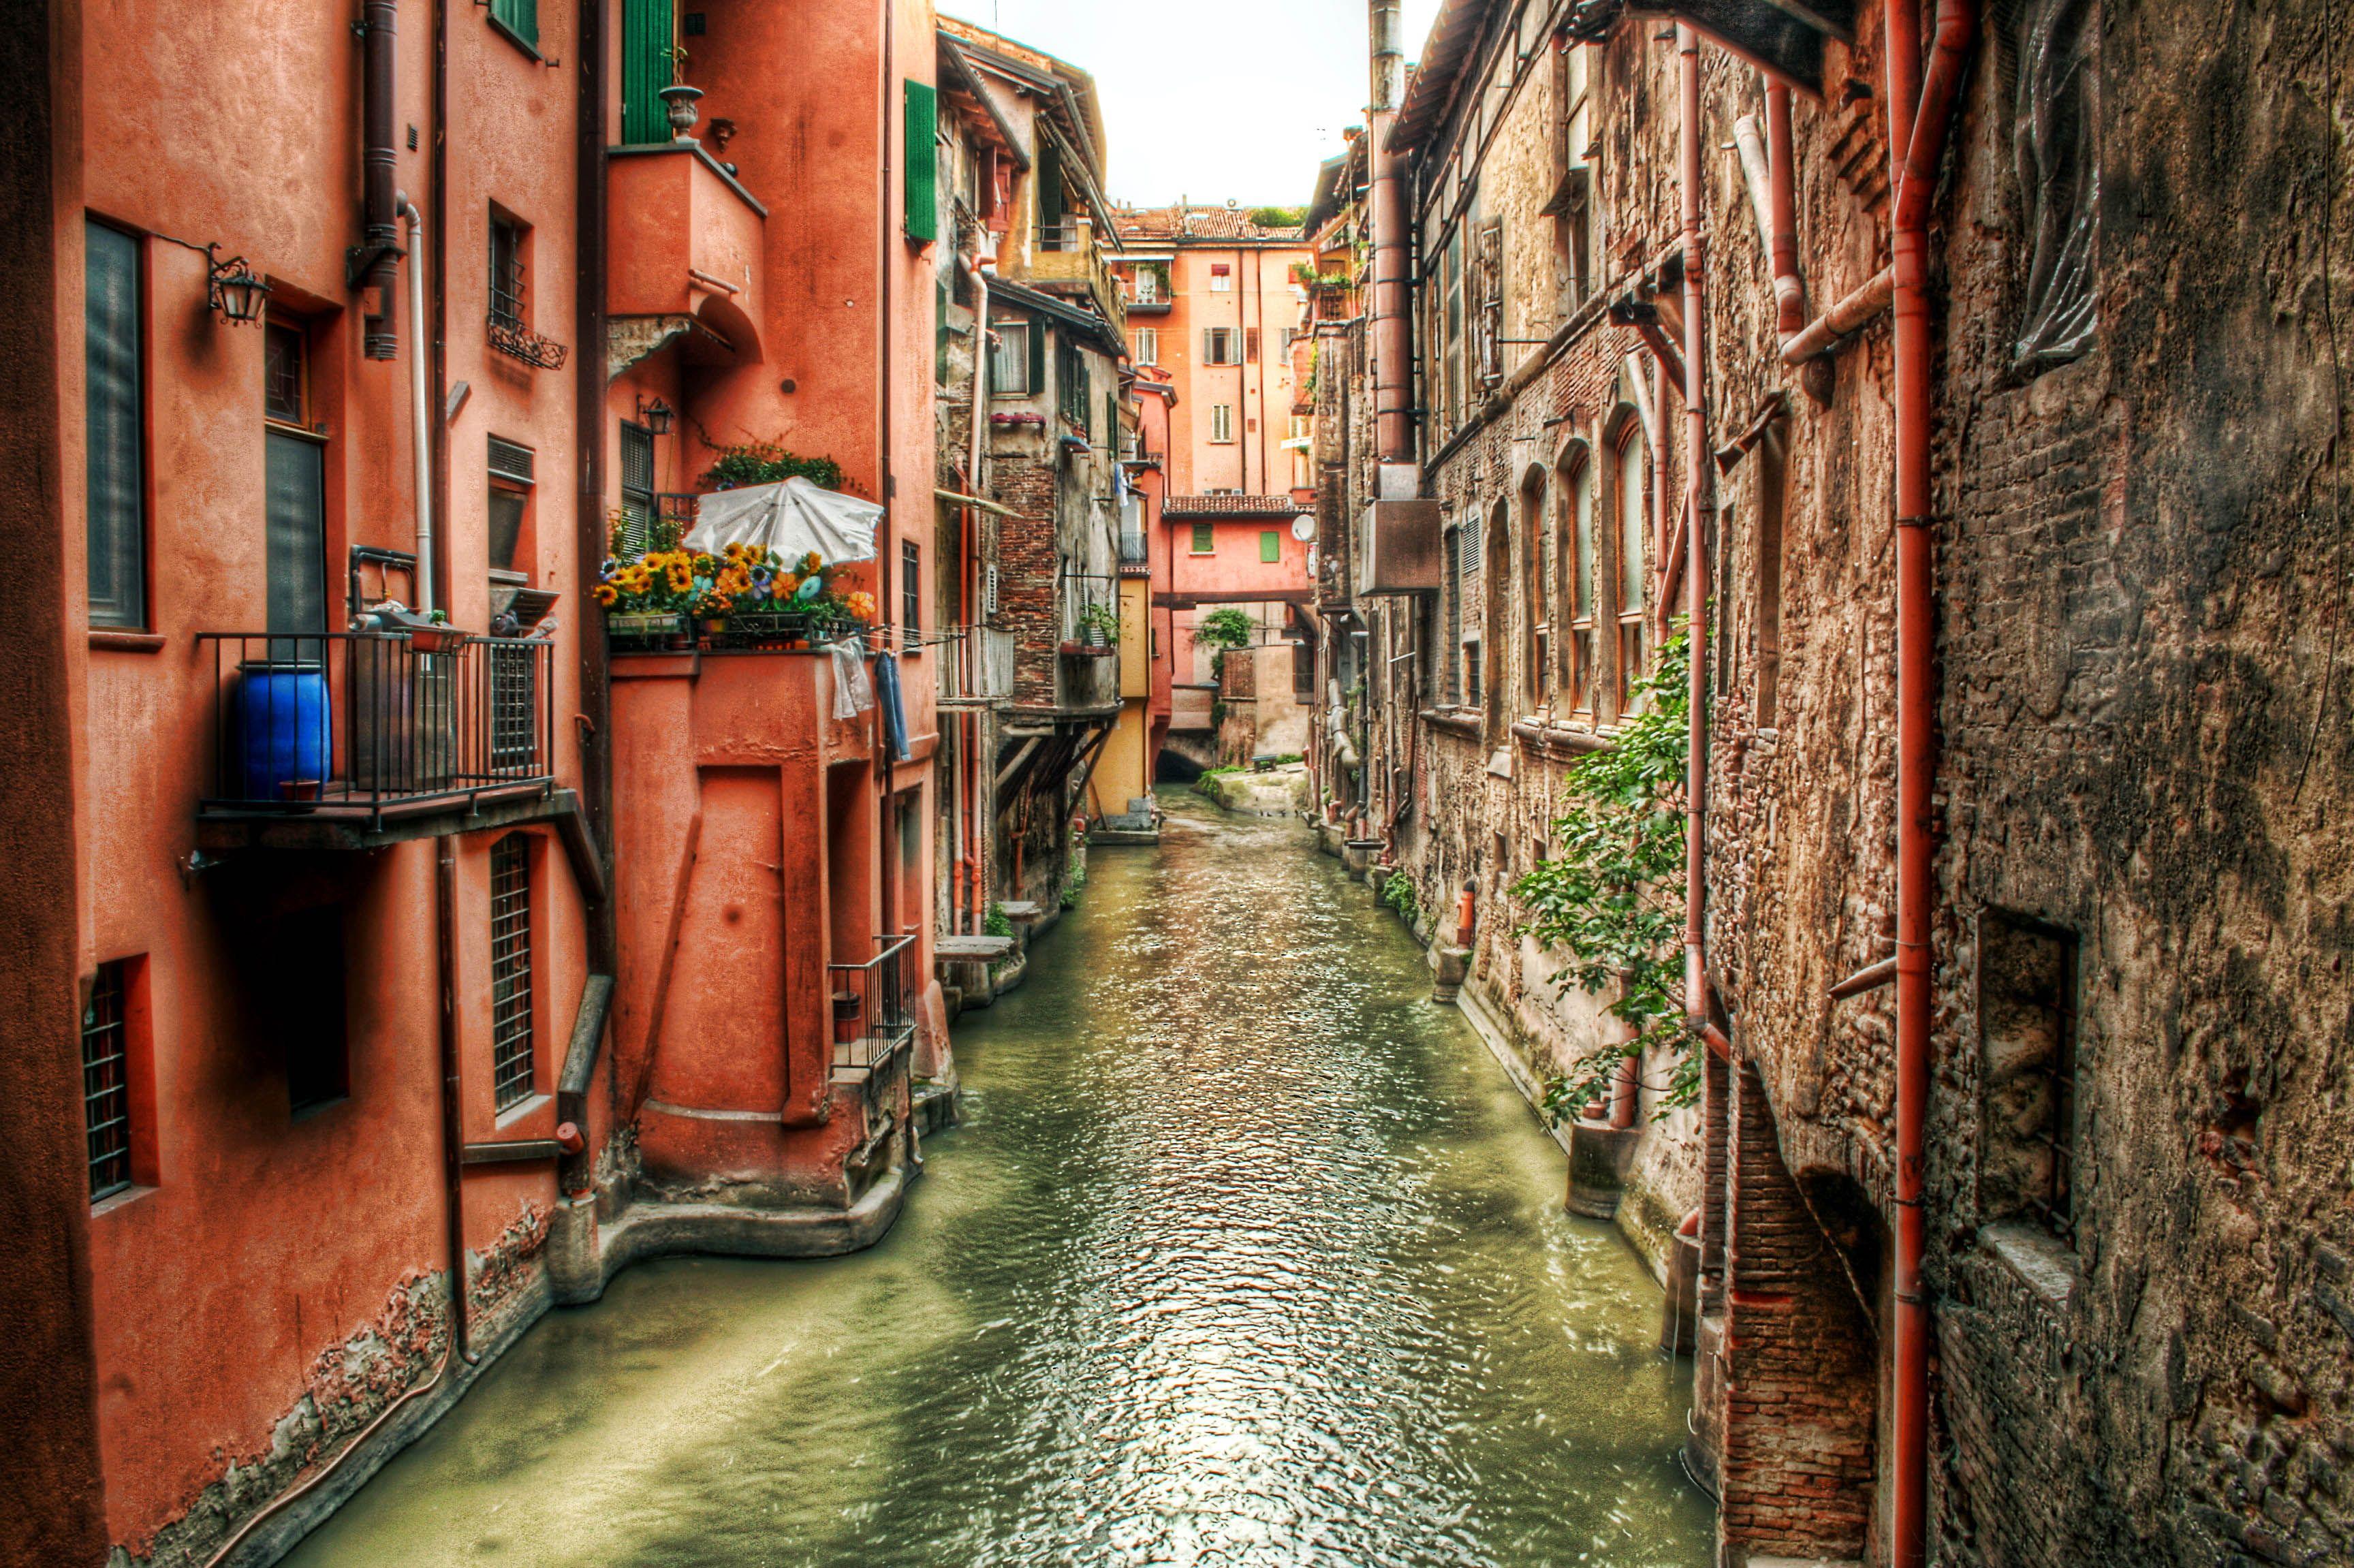 قناة ديلي موليني في بولونيا بإيطاليا